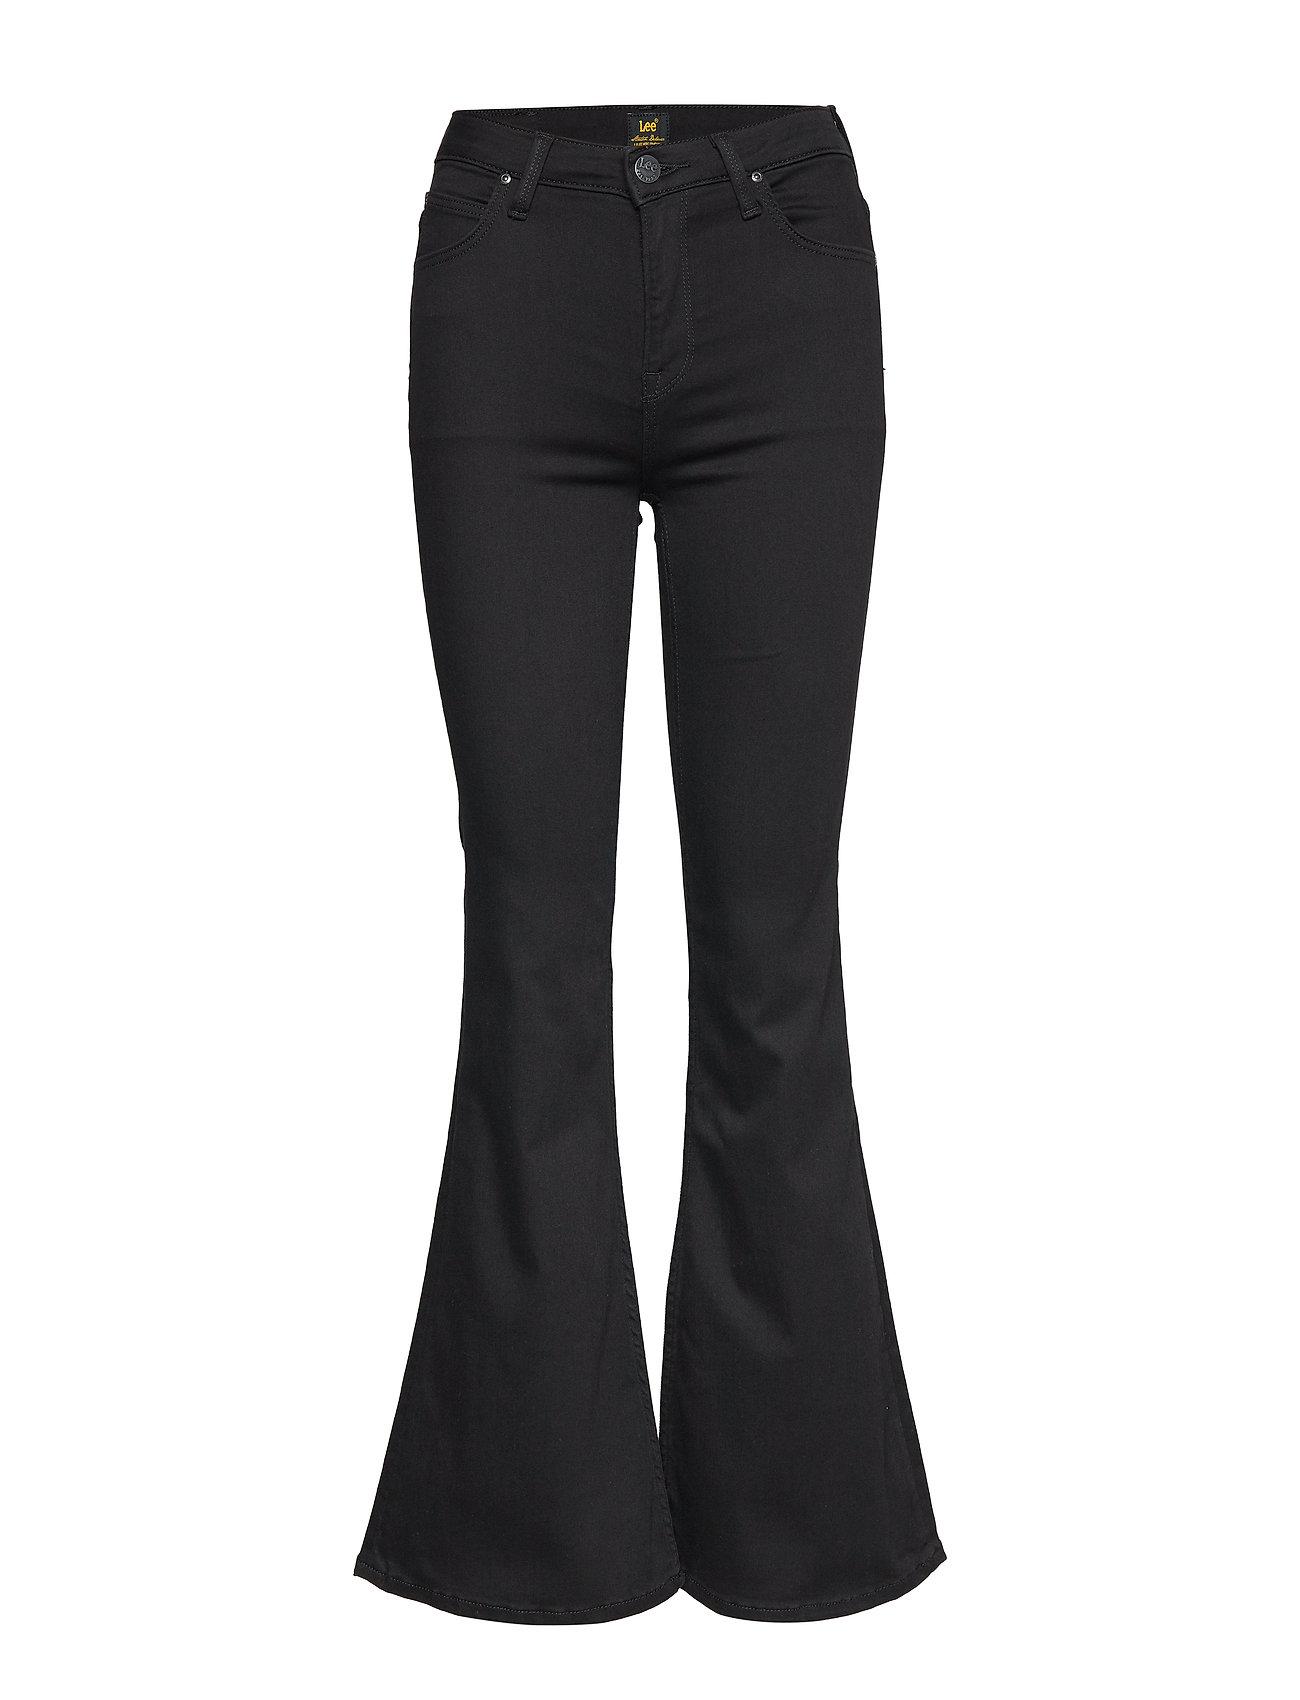 Lee Jeans BREESE - BLACK RINSE